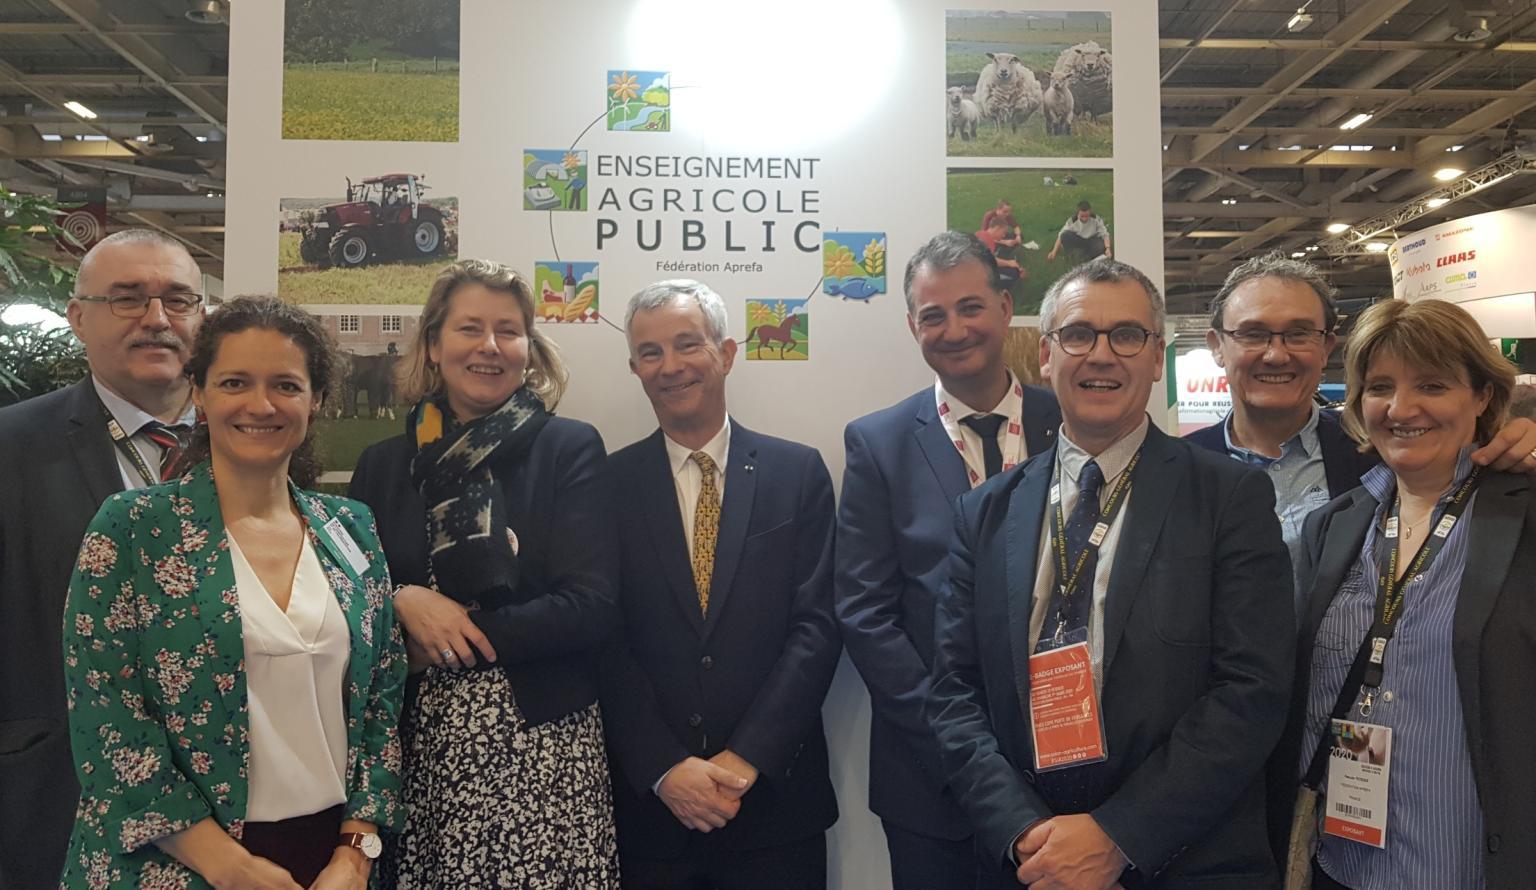 M. Langouët, adjoint au Directeur d'AgroSup Dijon et directeur d'Eduter, et M. Vinçon, Directeur Général de l'Enseignement et de la Recherche au ministère de l'agriculture et de l'alimentation